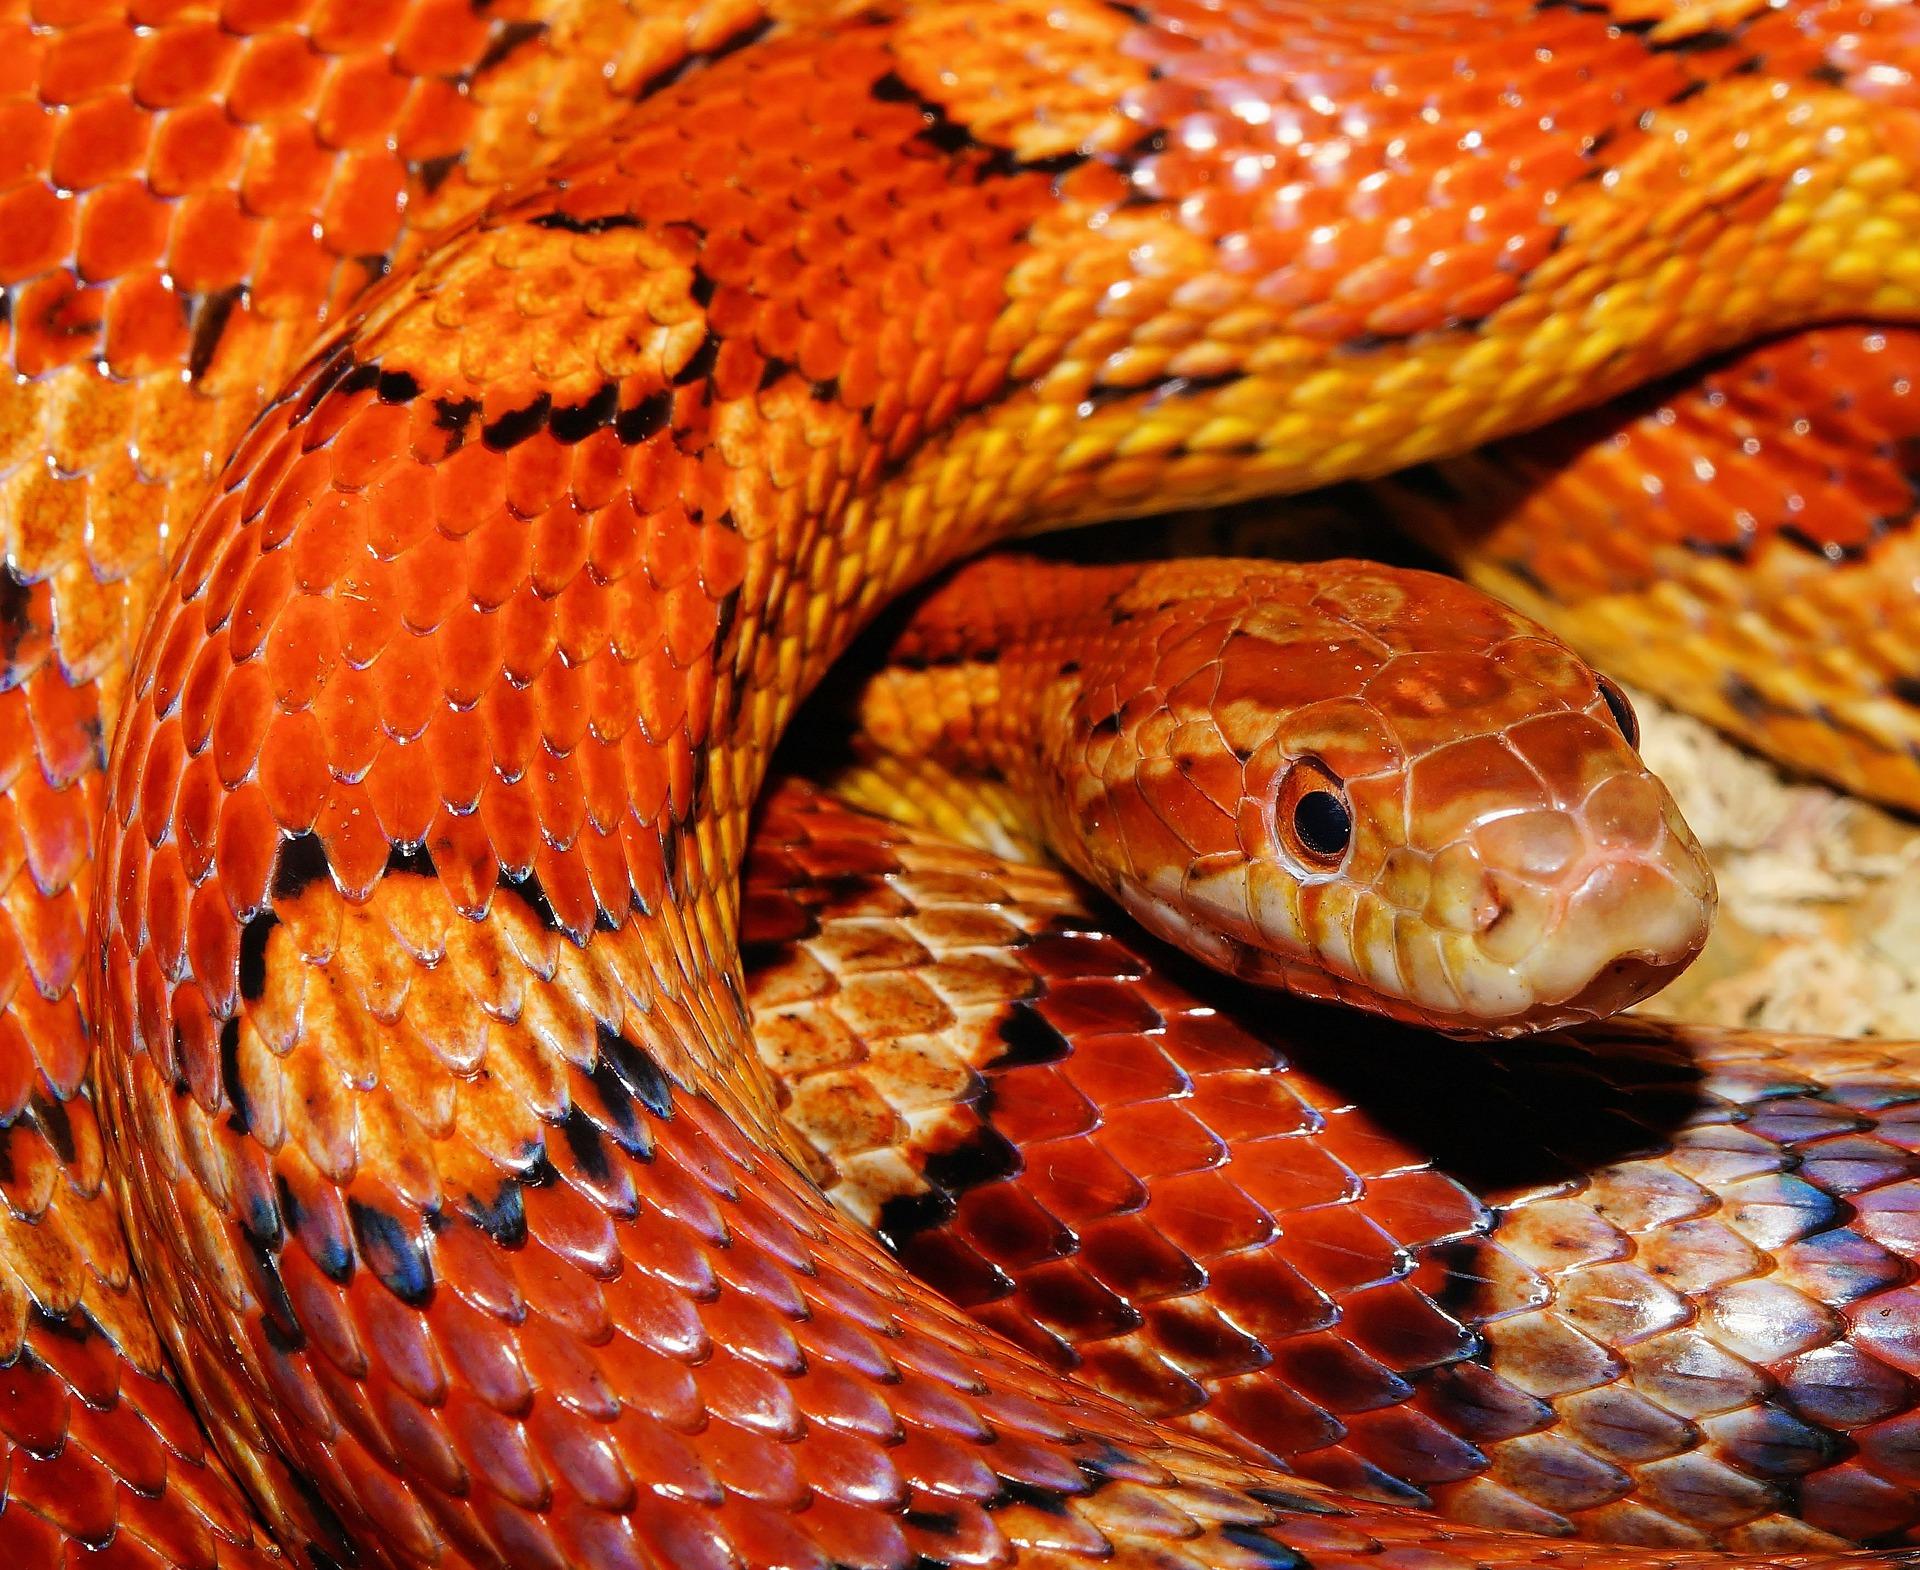 snake-579682_1920